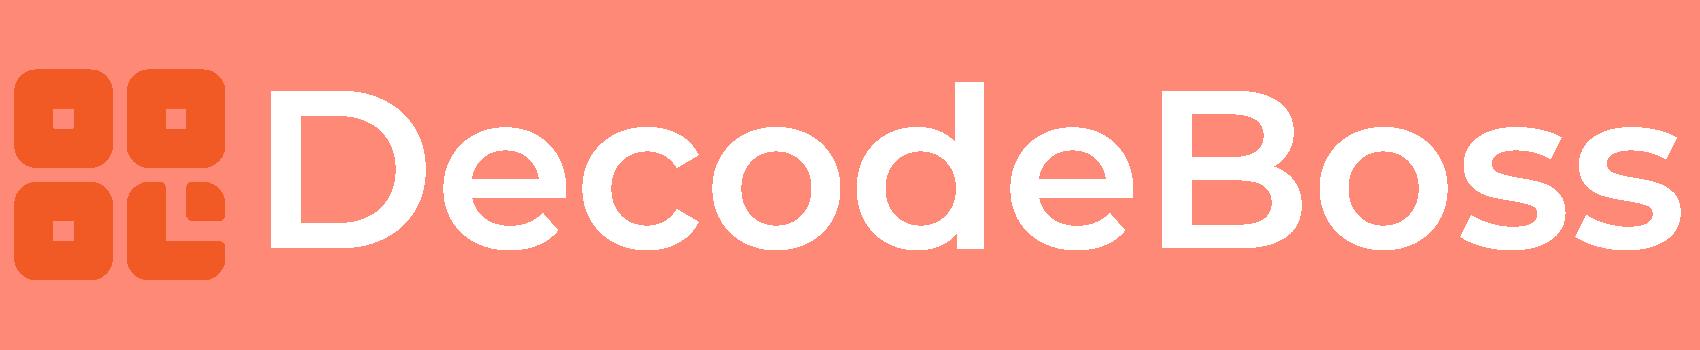 https://decodeboss.com/